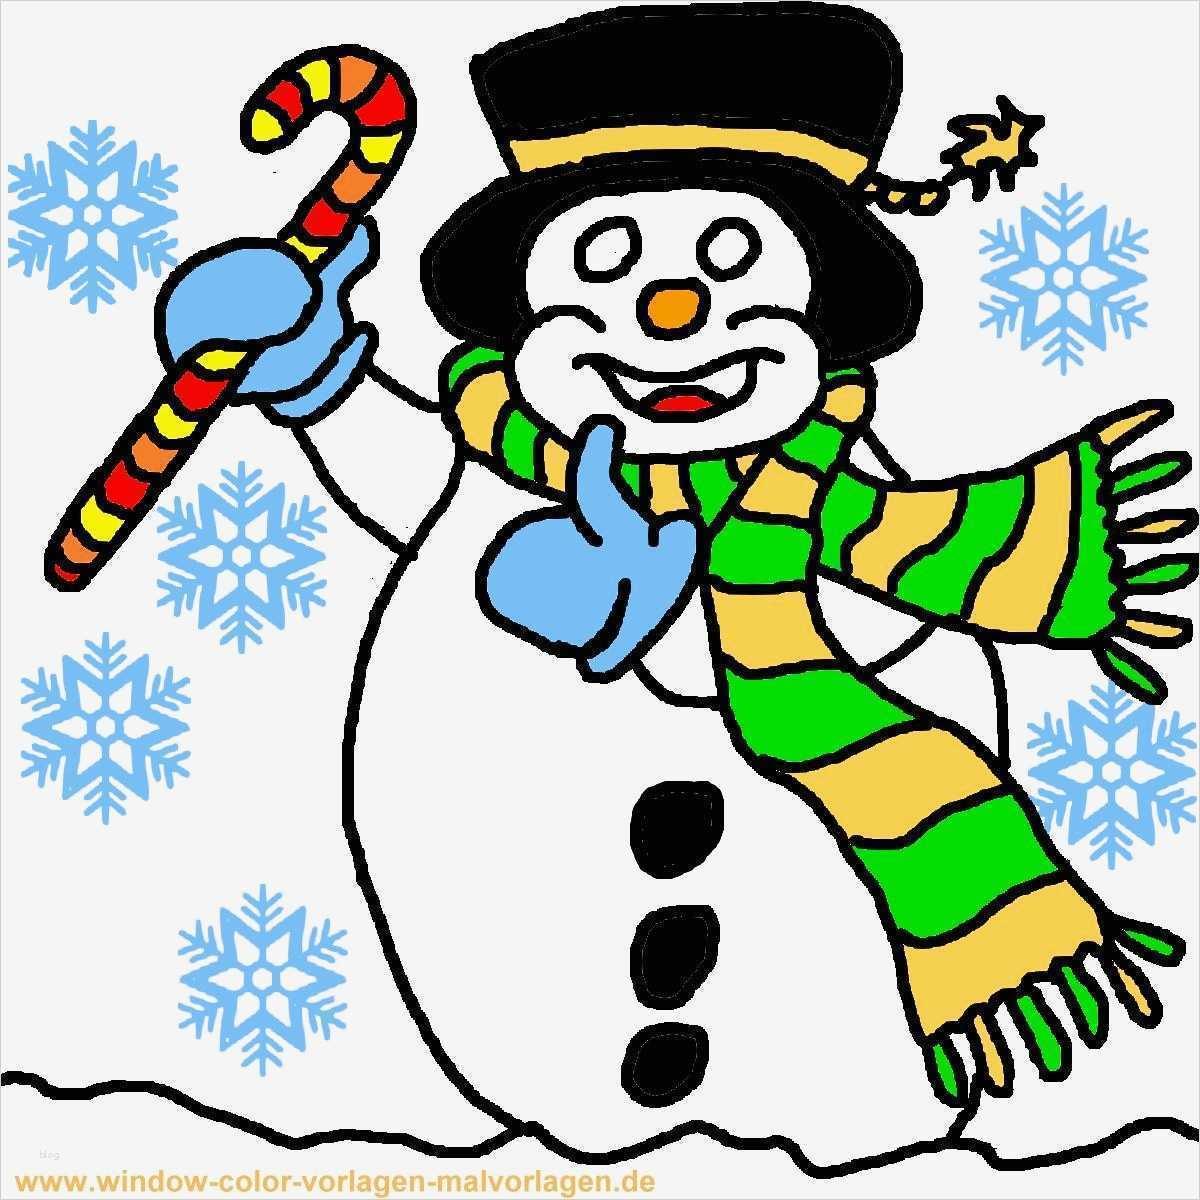 windowcolor vorlagen cool winter malvorlagen weihnachten